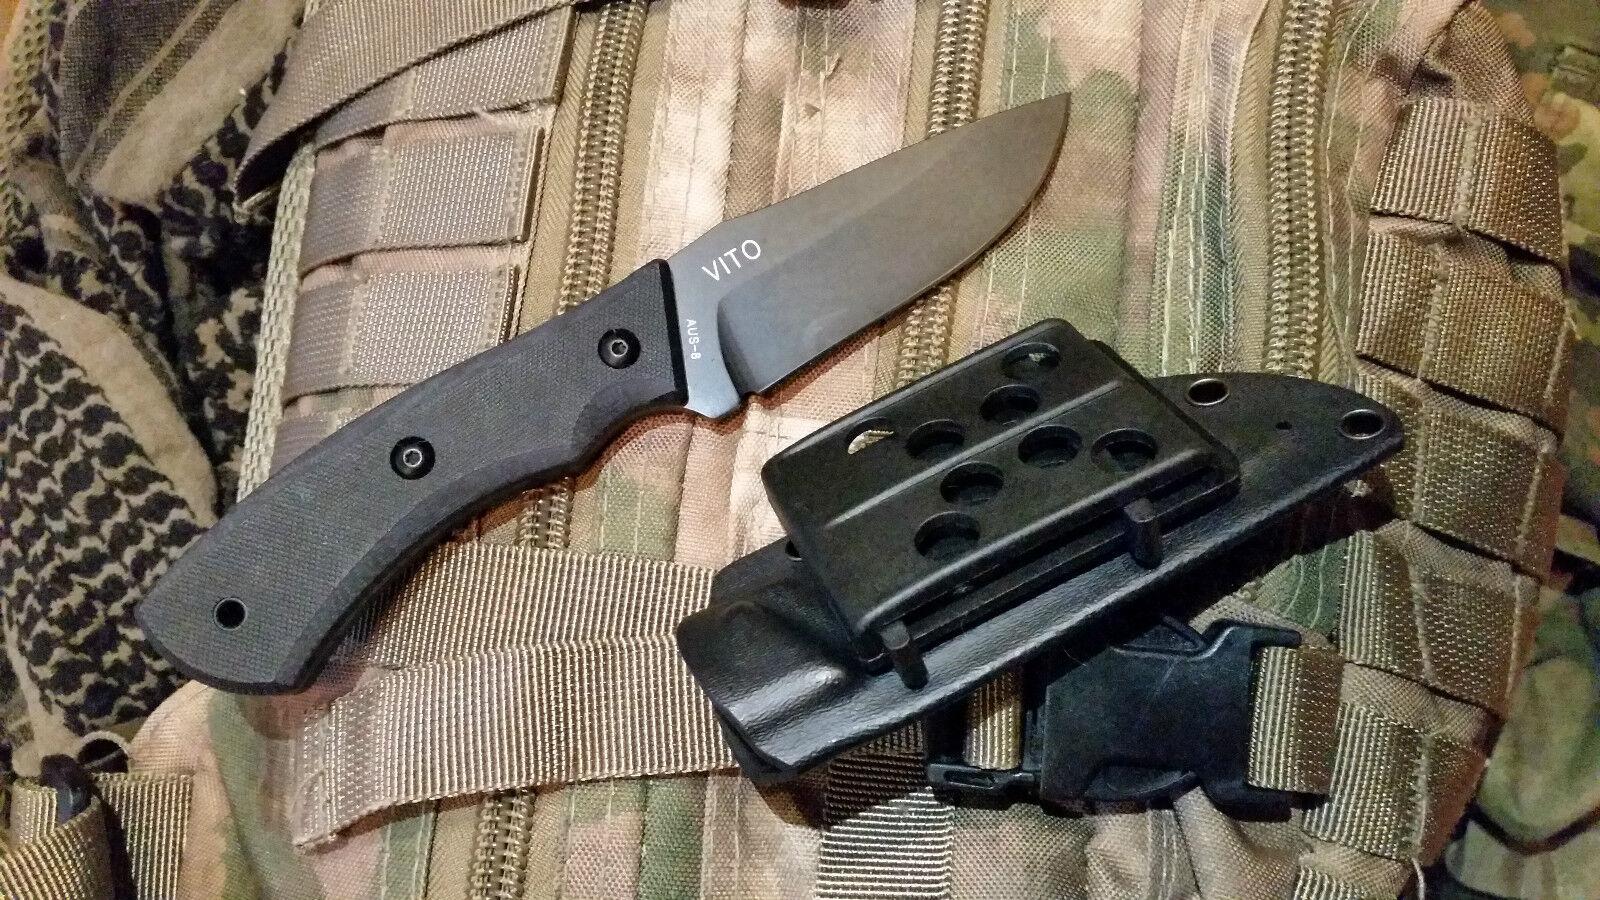 SERE Mr. Blade Vito Russisches Outdoor Outdoor Outdoor Survival Einsatz Messer AUS8 Stahl 33471a